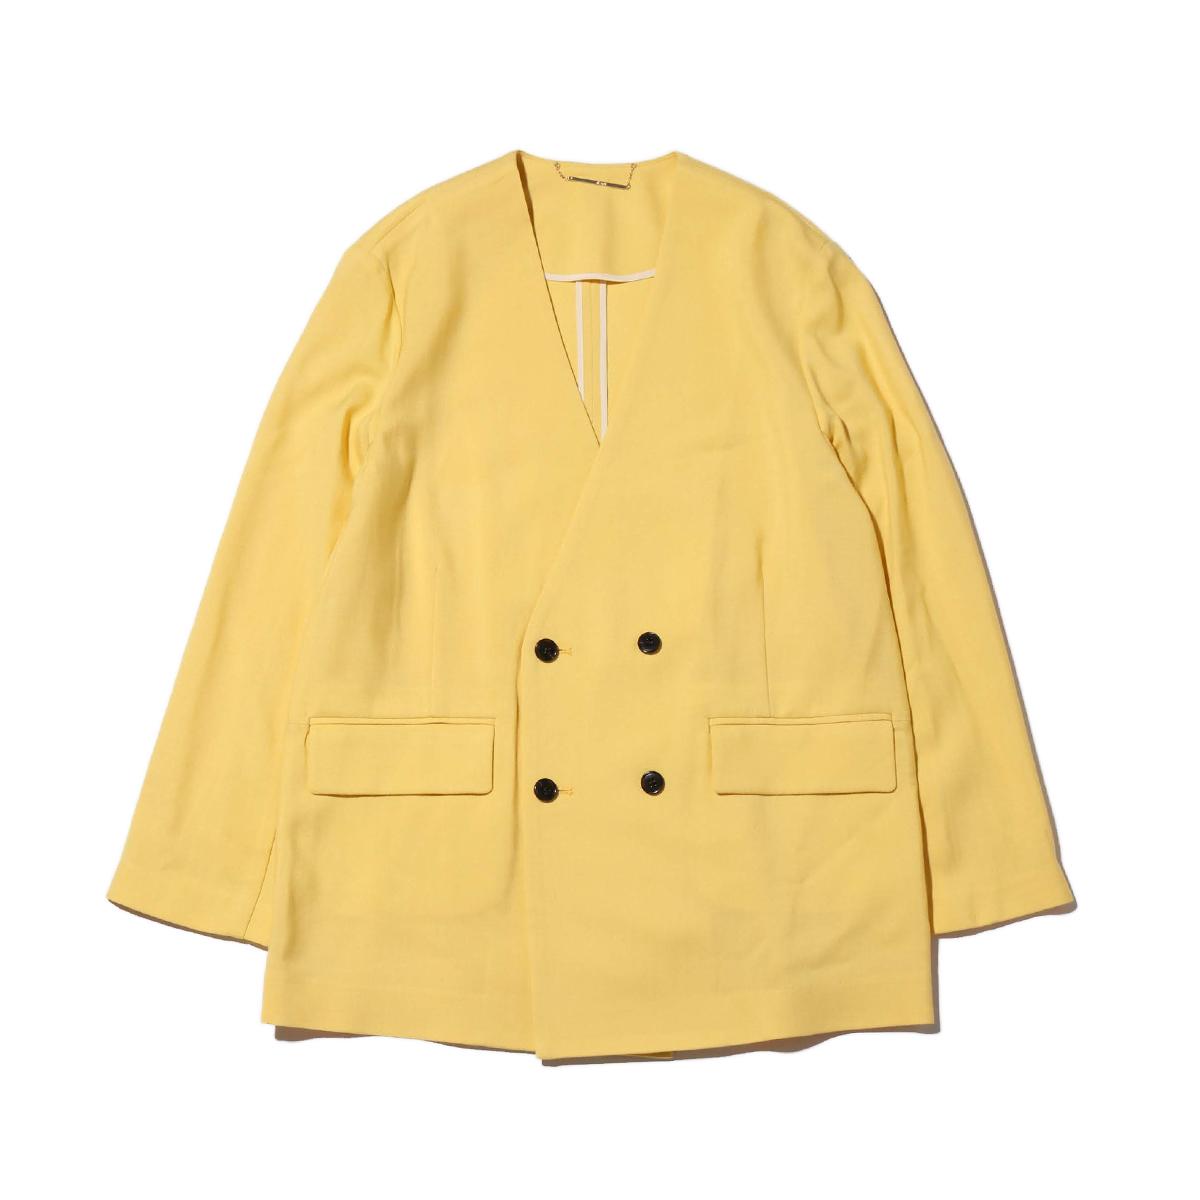 atmos pink ノーカラー スーツ ジャケット(アトモスピンク ノーカラー スーツジャケット)YELLOW【レディース ジャケット】18FW-I